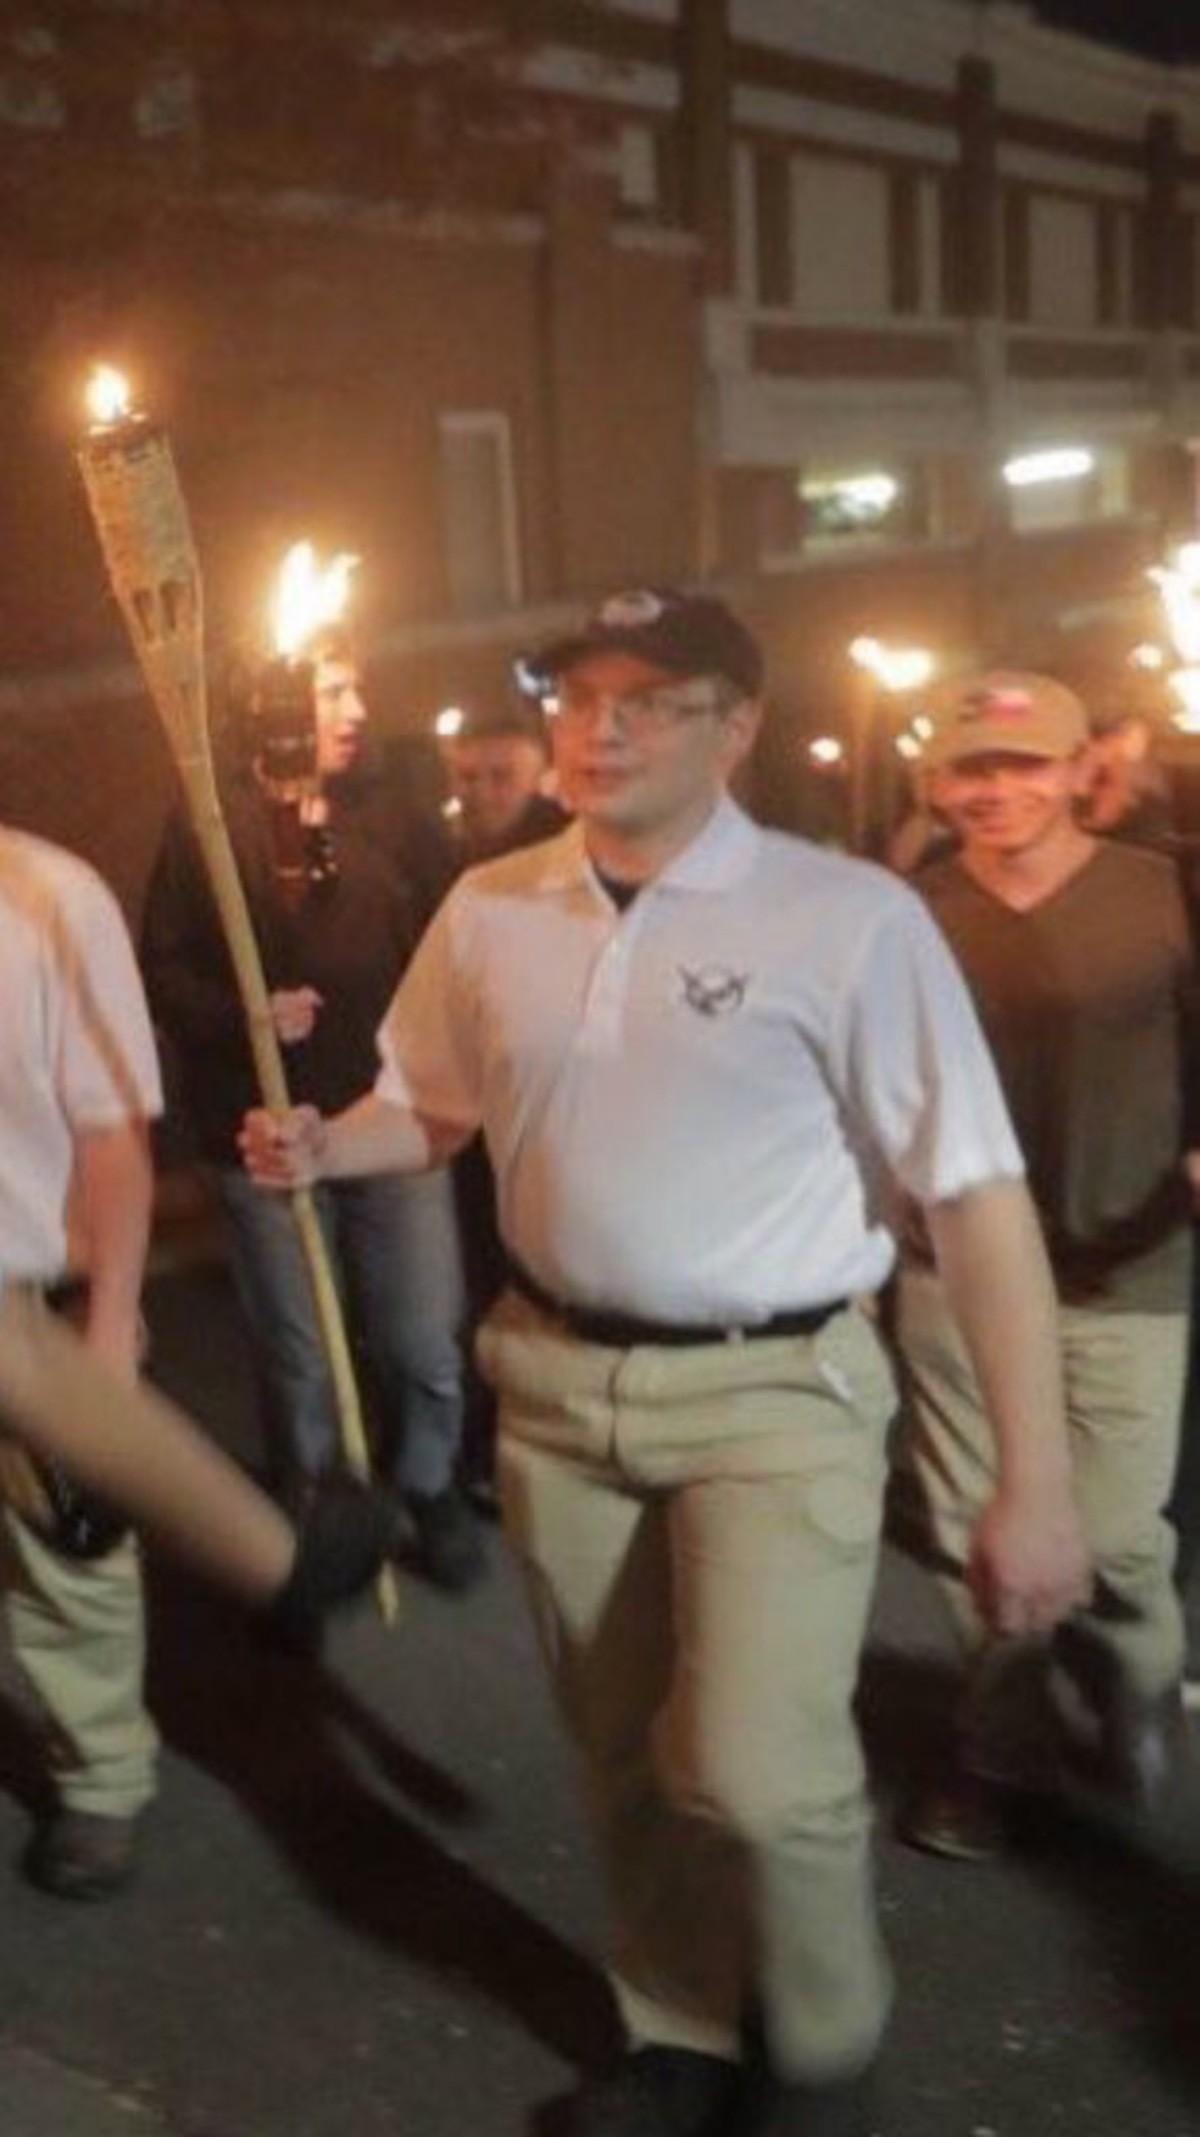 """The """"Ubermensch"""". .. This was an Alt-Right protest, not a Nietzsche fan club meetup. The """"Ubermensch"""" This was an Alt-Right protest not a Nietzsche fan club meetup"""